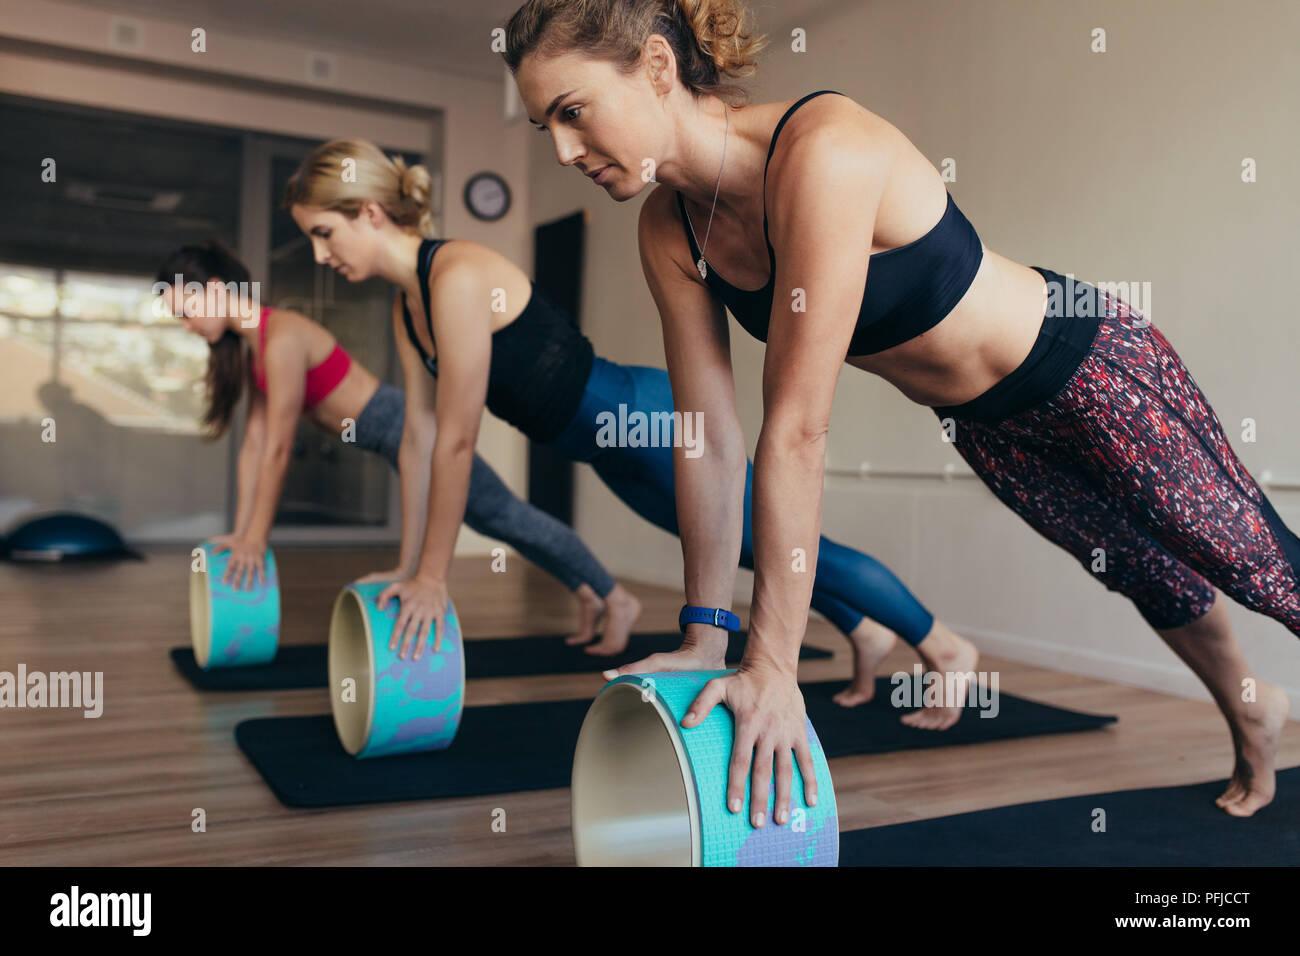 Frauen in Push up Position ruht Ihre Hände auf Yoga Rad tun Pilates Workout. Drei Frauen, die Pilates Workout im Fitnessraum. Stockbild